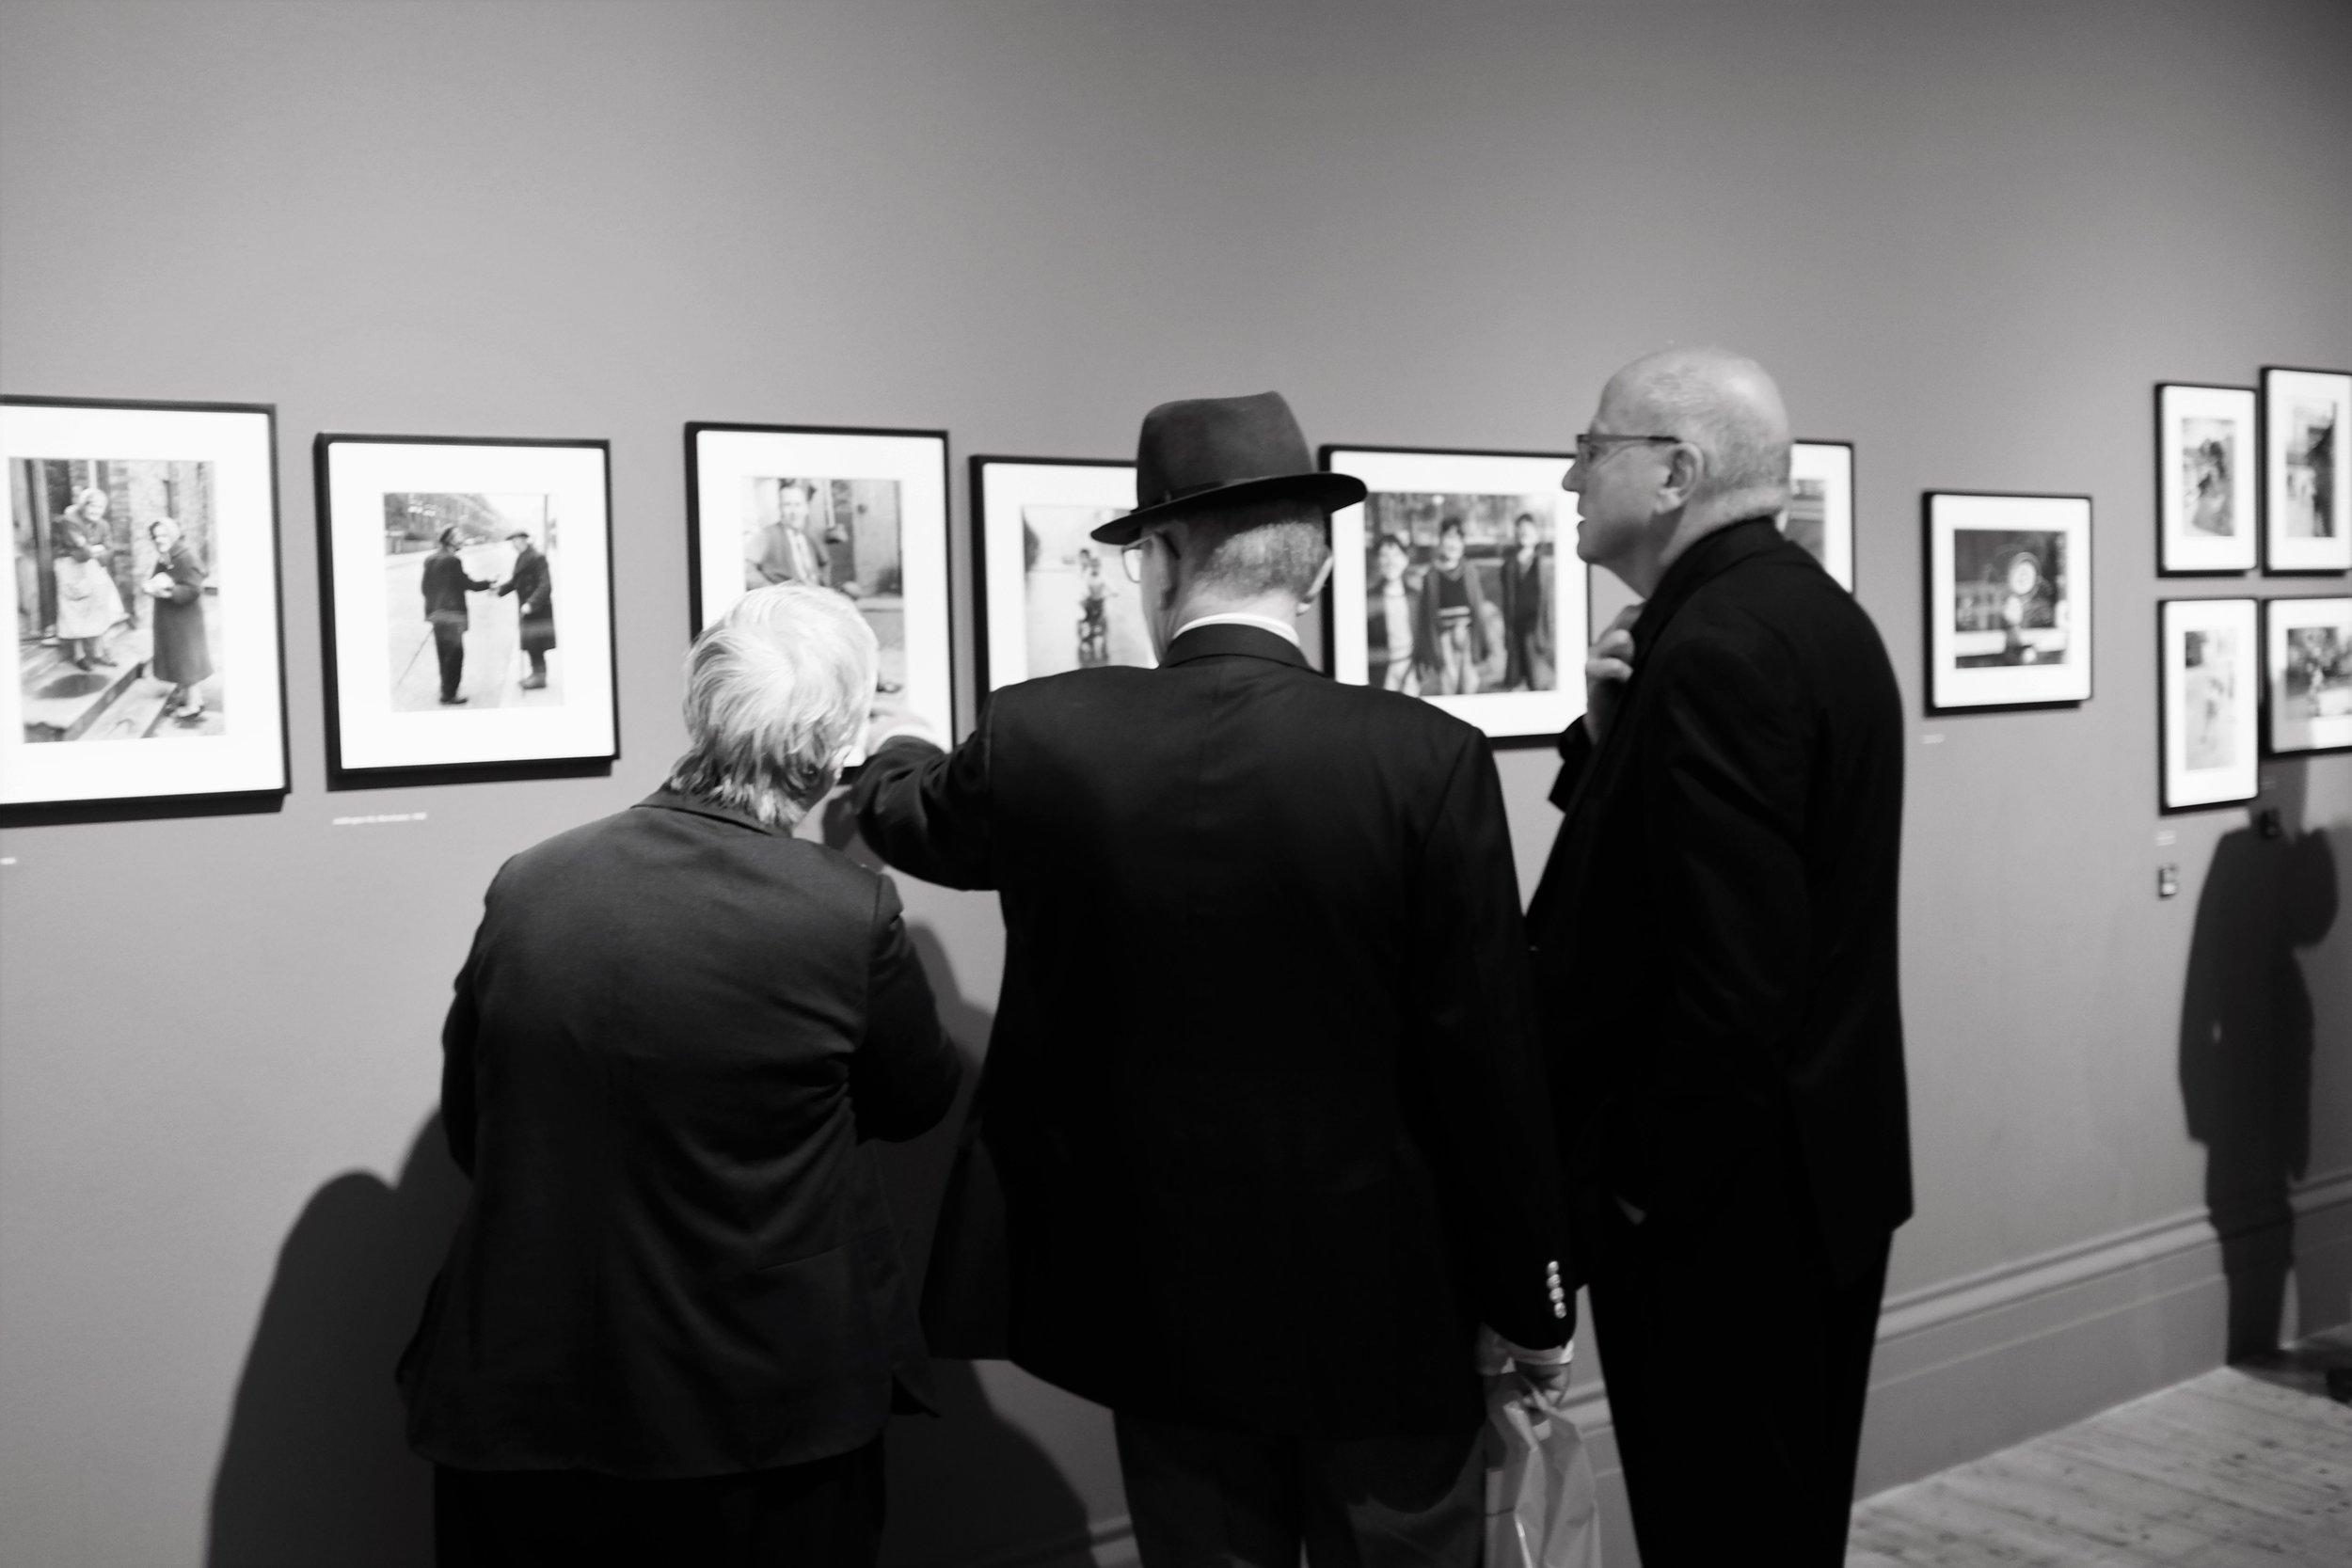 Manchester Art Gallery, Manchester UK 2017